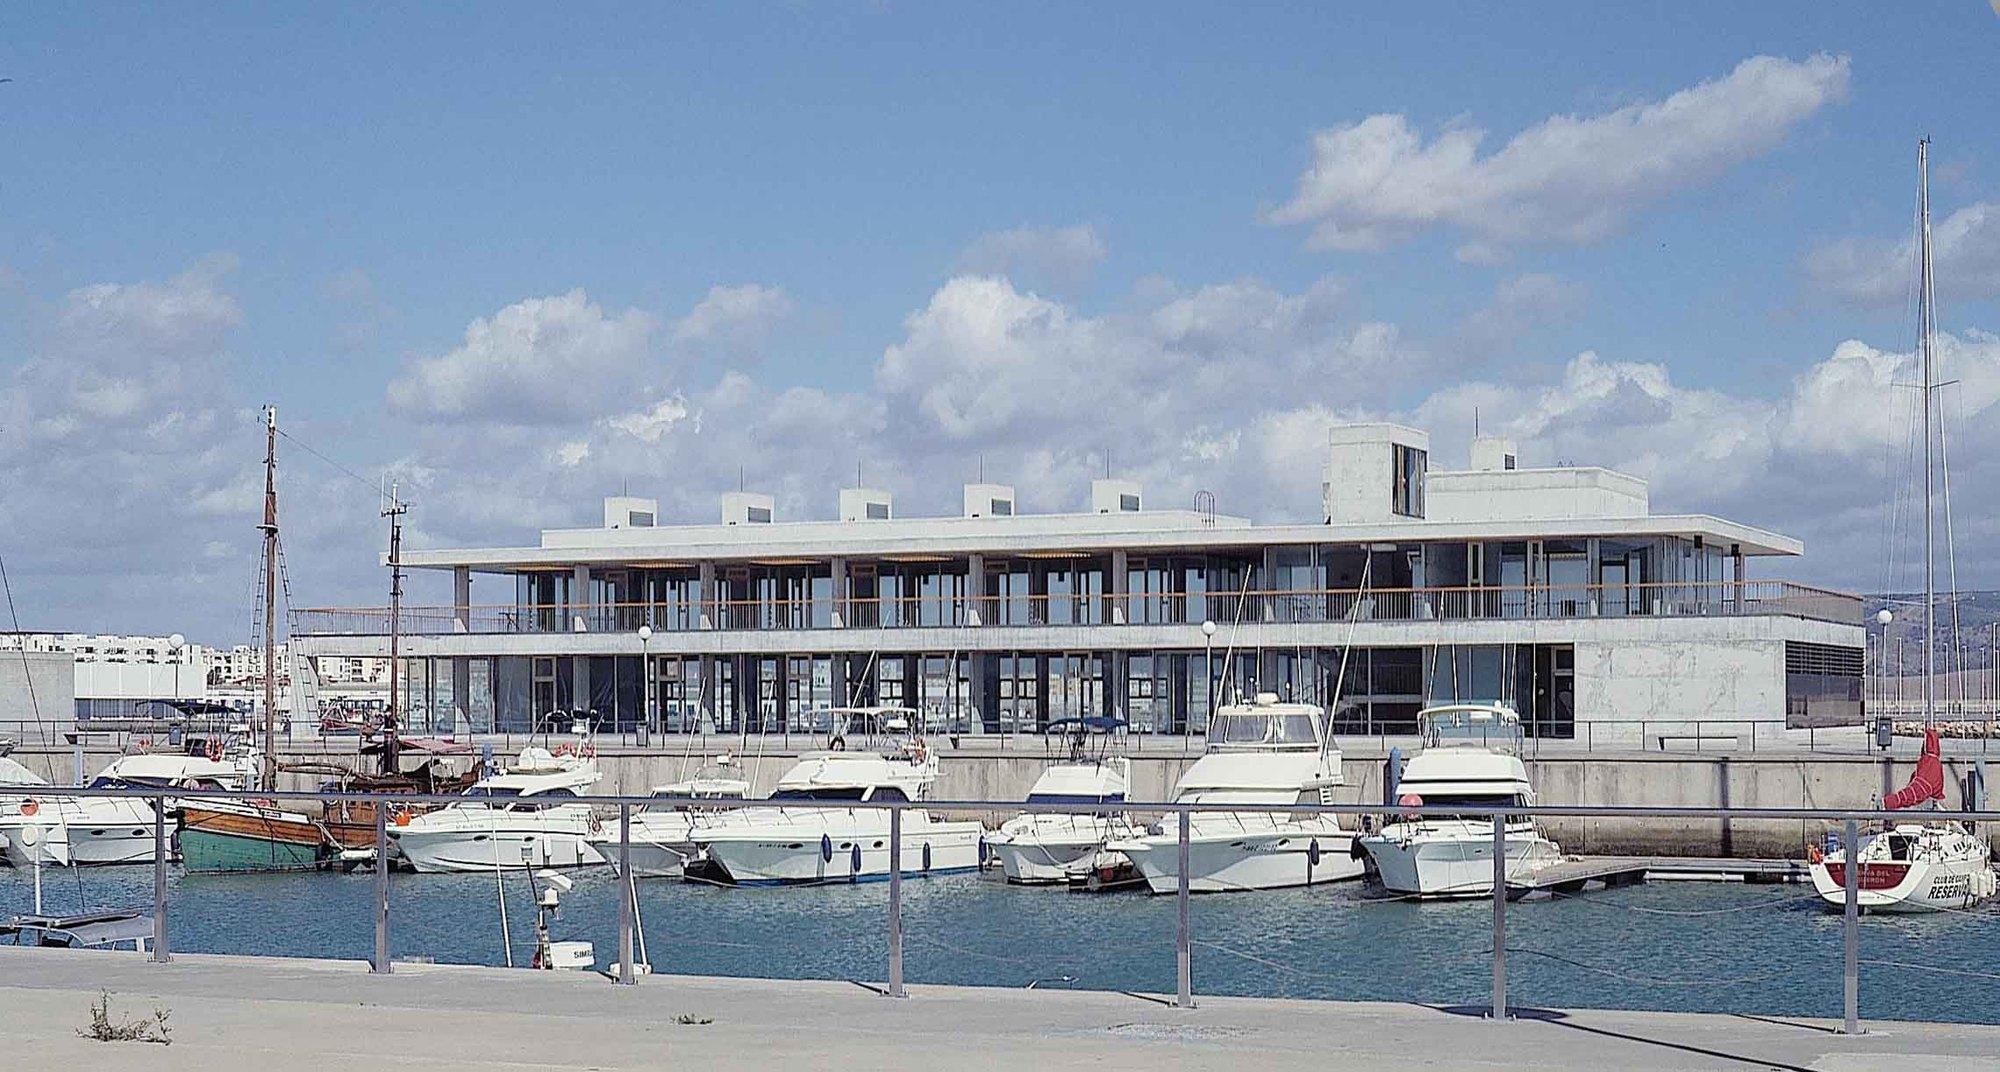 Edificio de serviço da Zona Náutica-Esportiva do Porto de Barbate / Enrique Abascal, © Cortesia de Enrique Abascal